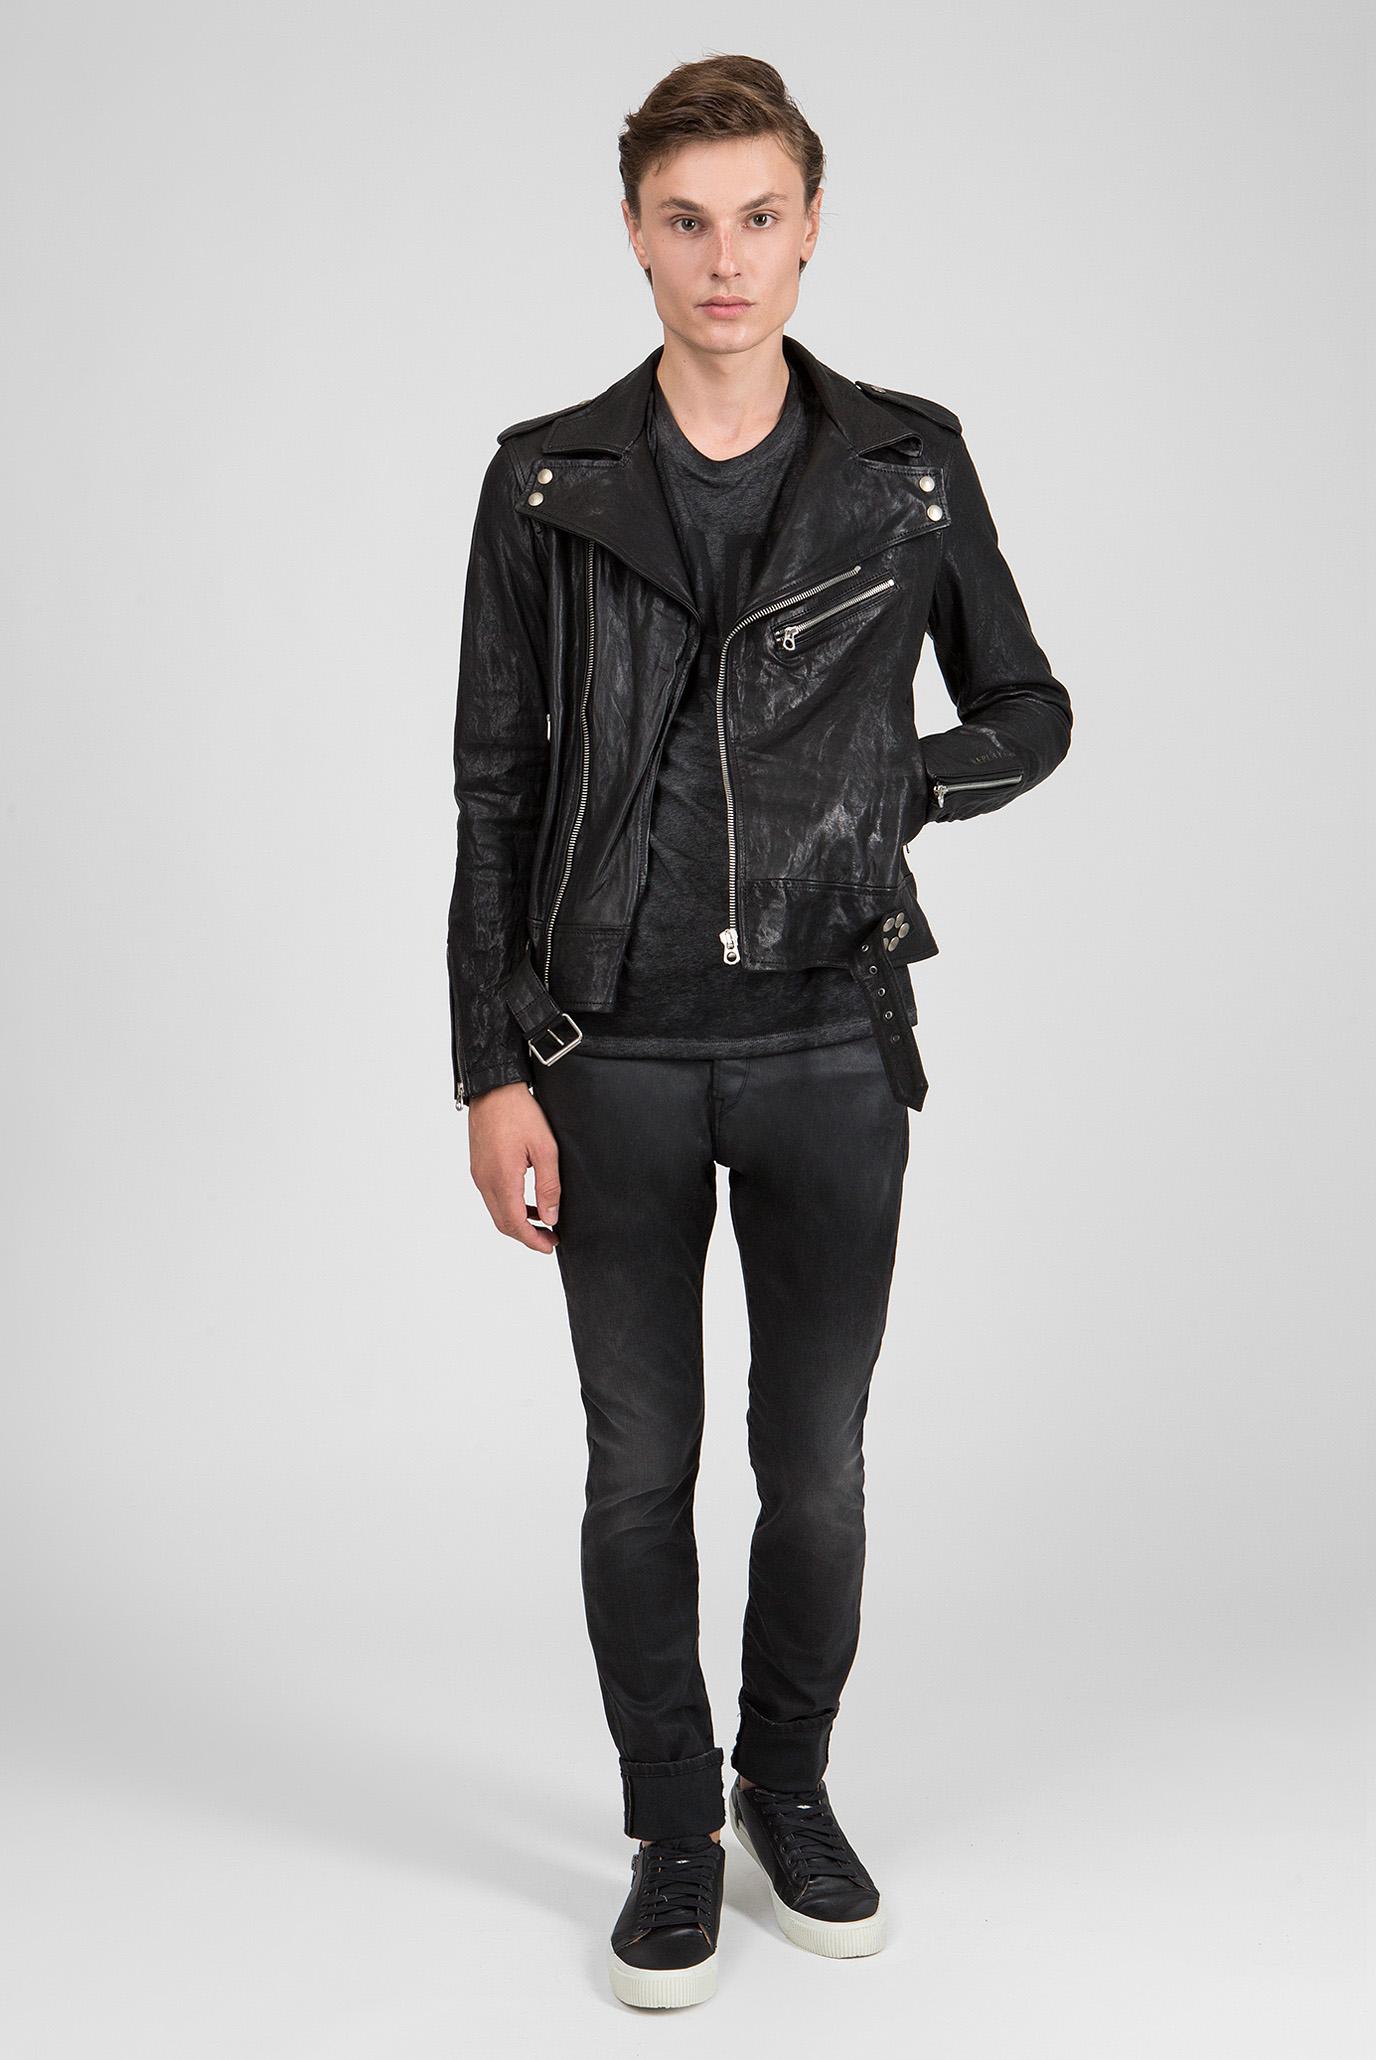 Купить Мужские черные джинсы EZHIR Replay Replay MA925L.000.13A M23 – Киев, Украина. Цены в интернет магазине MD Fashion